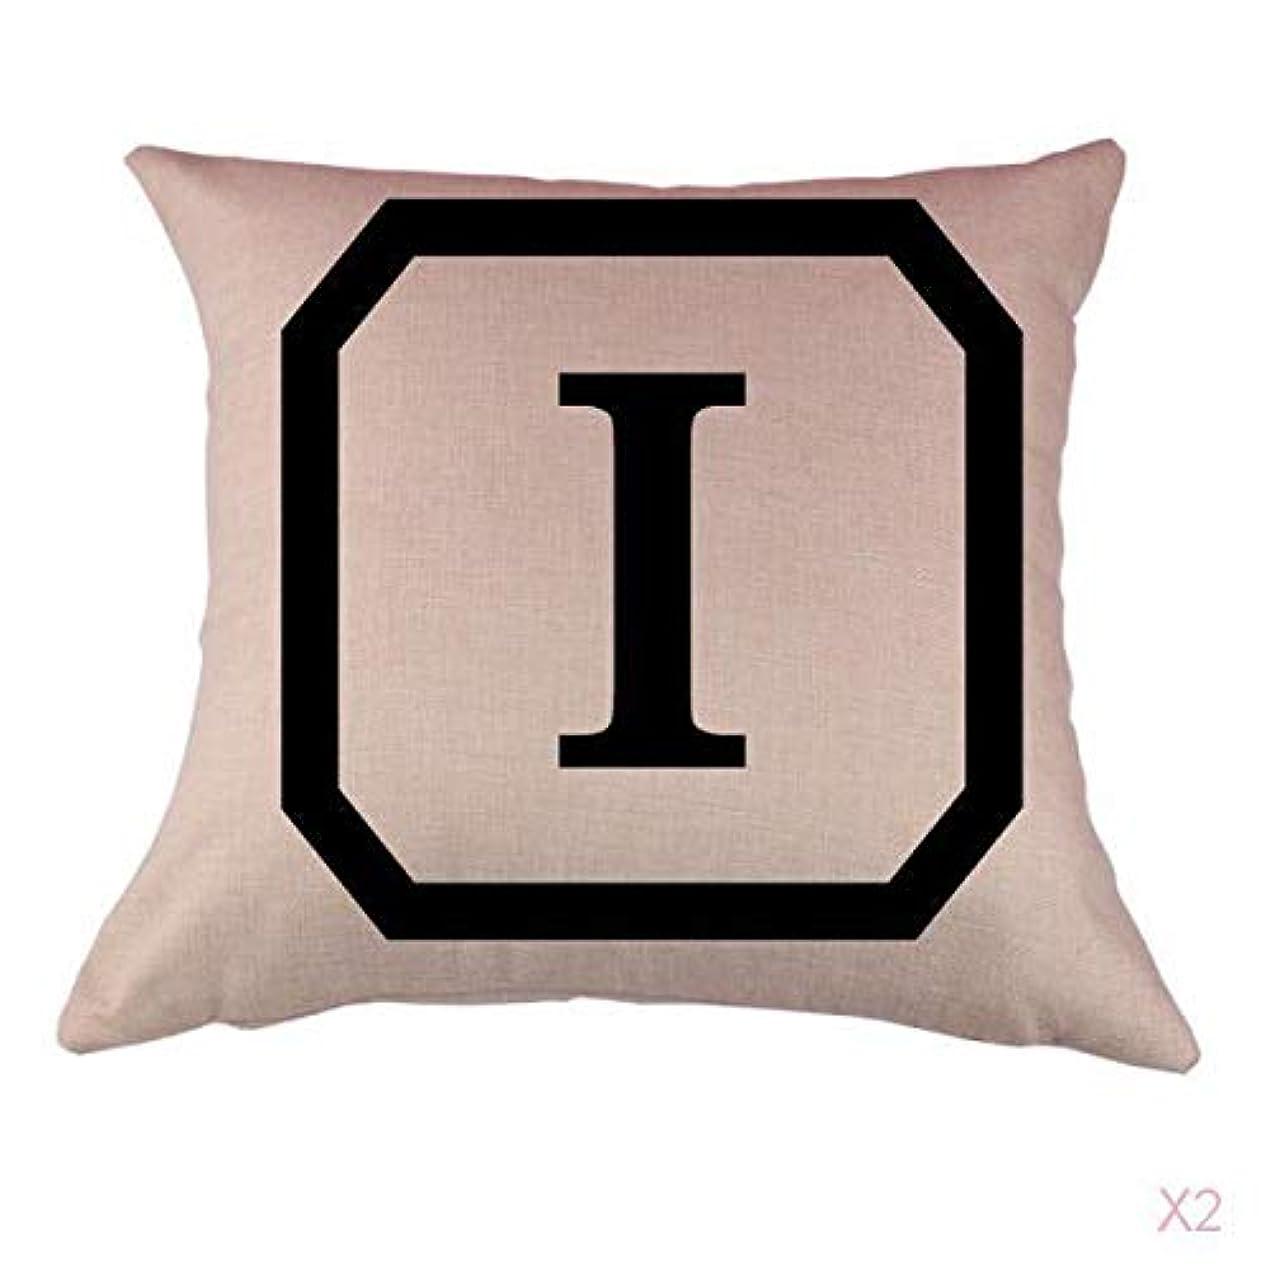 紀元前サロン落胆させるコットンリネンスロー枕カバークッションカバー家の装飾頭文字のI